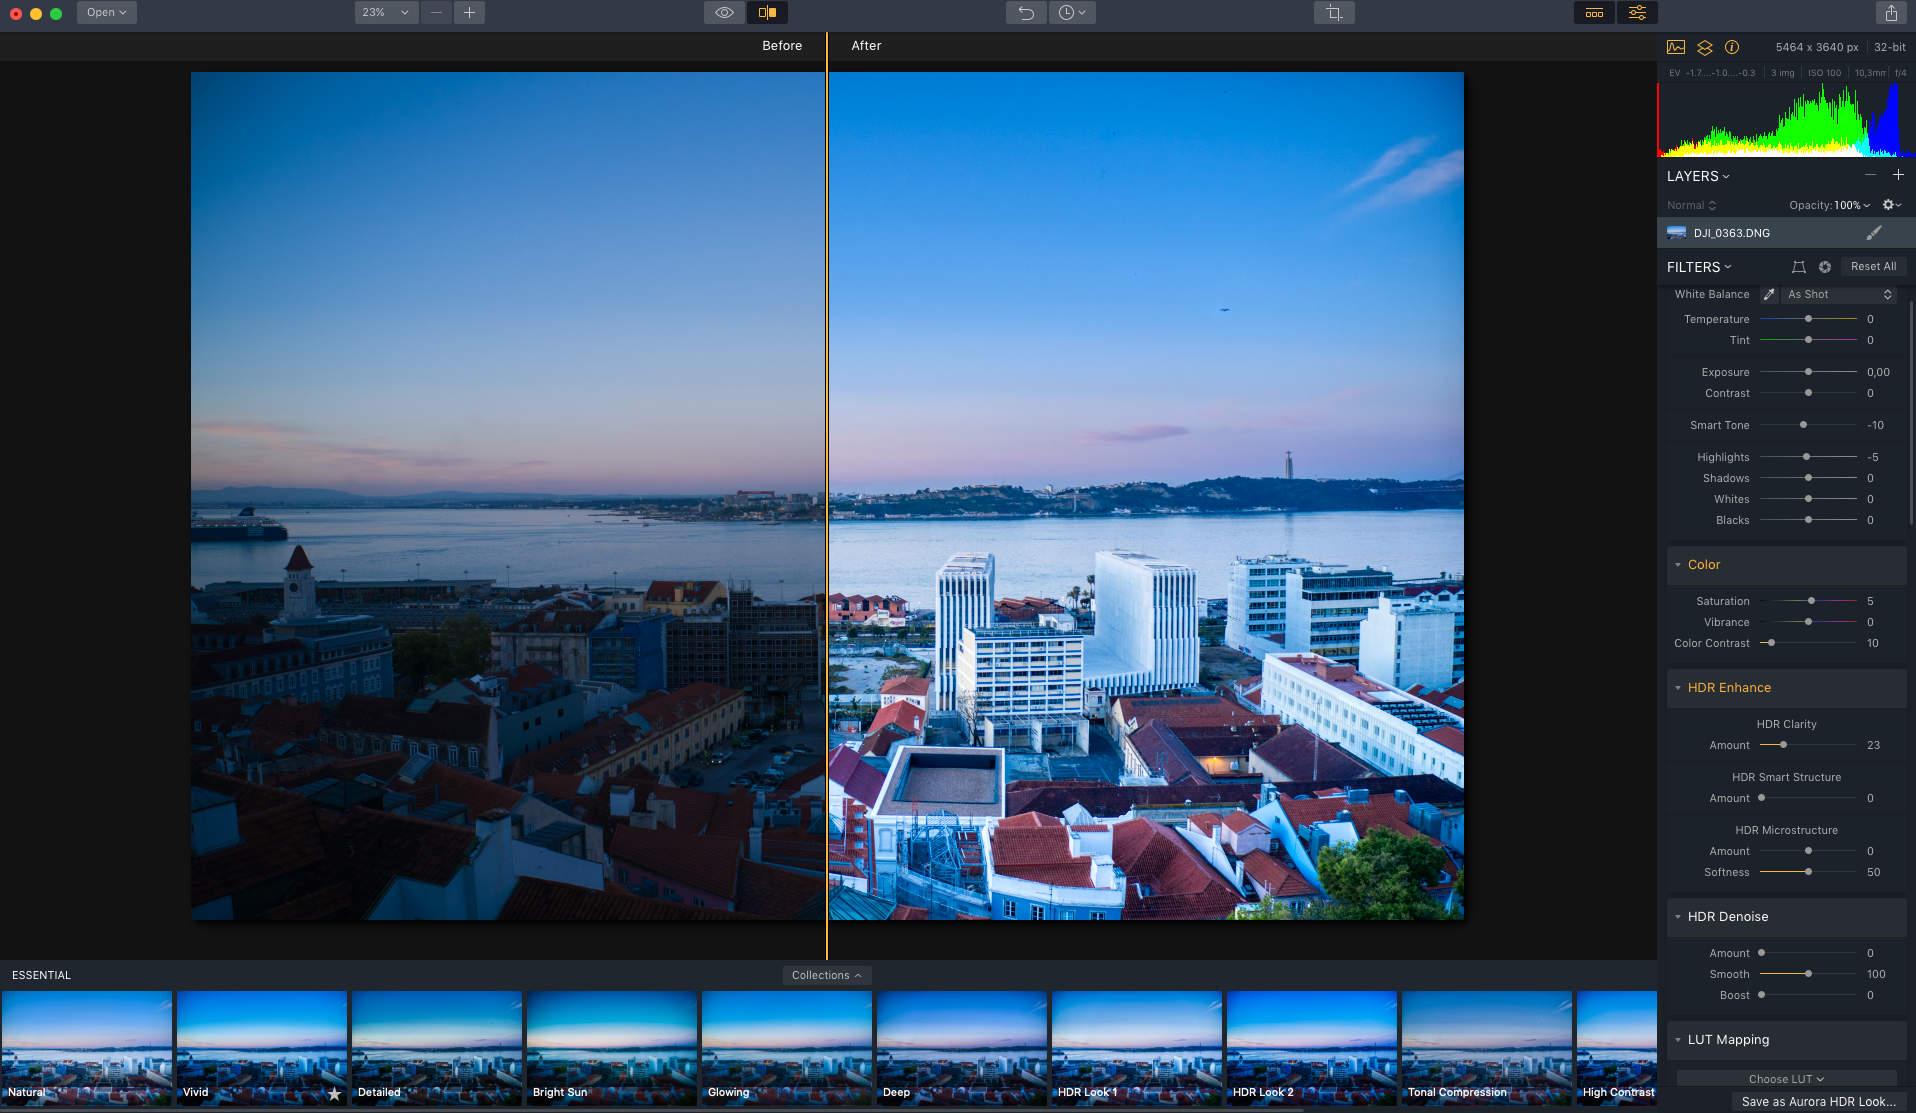 HDR-Fotos mit der Drohne - Aurora HDR 2019 Bildbearbeitung